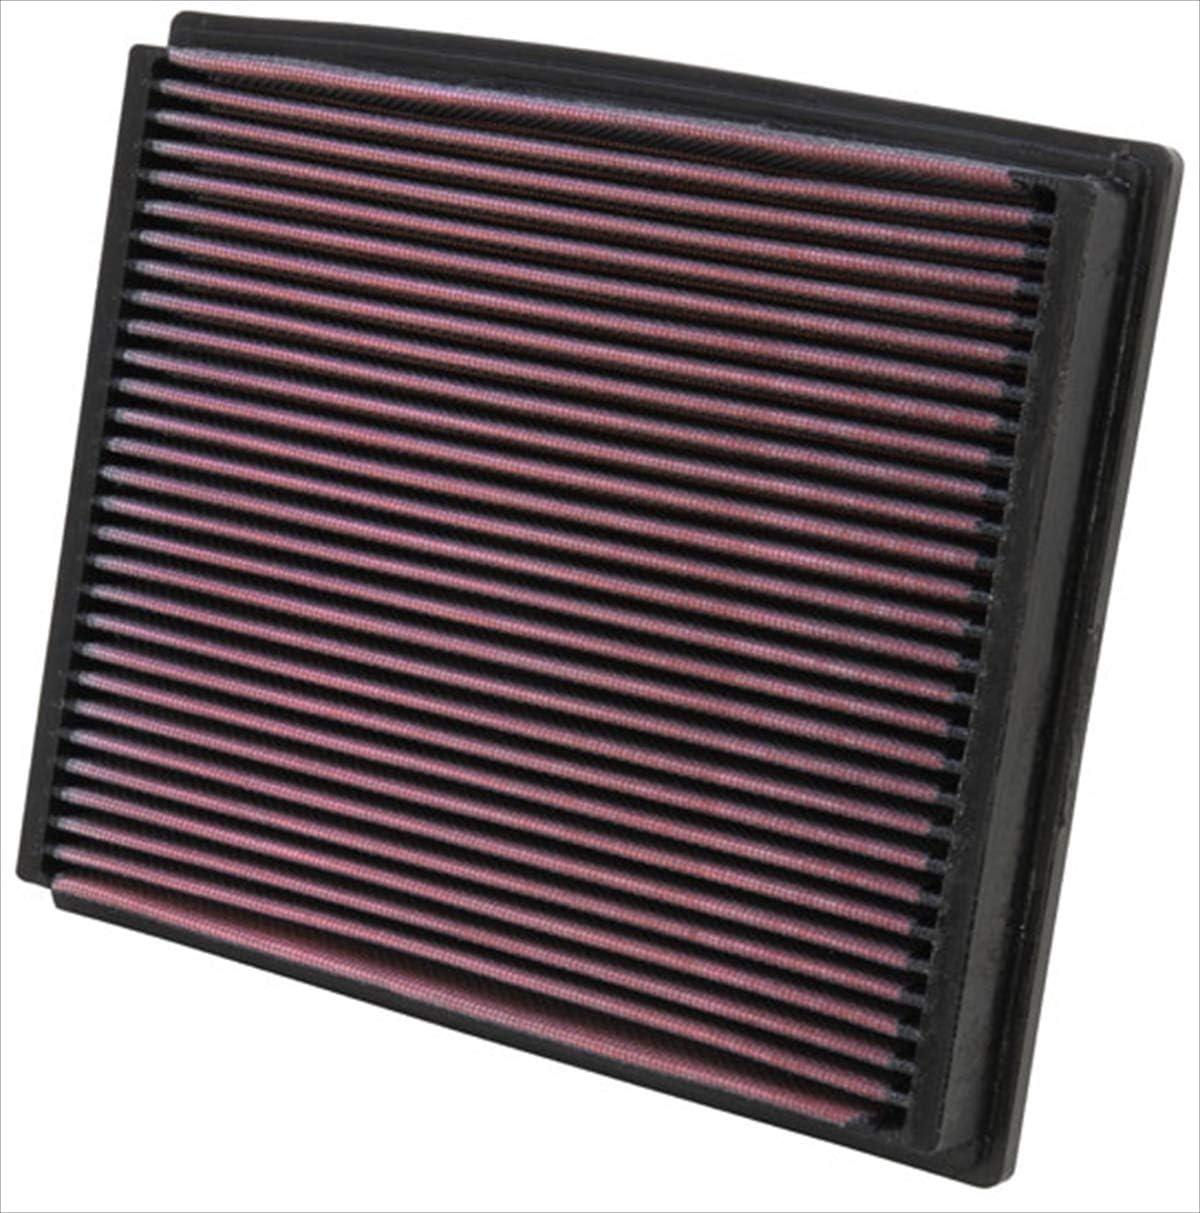 K&N 33-2125 Filtro de Aire Coche, Lavable y Reutilizable: Amazon.es: Coche y moto